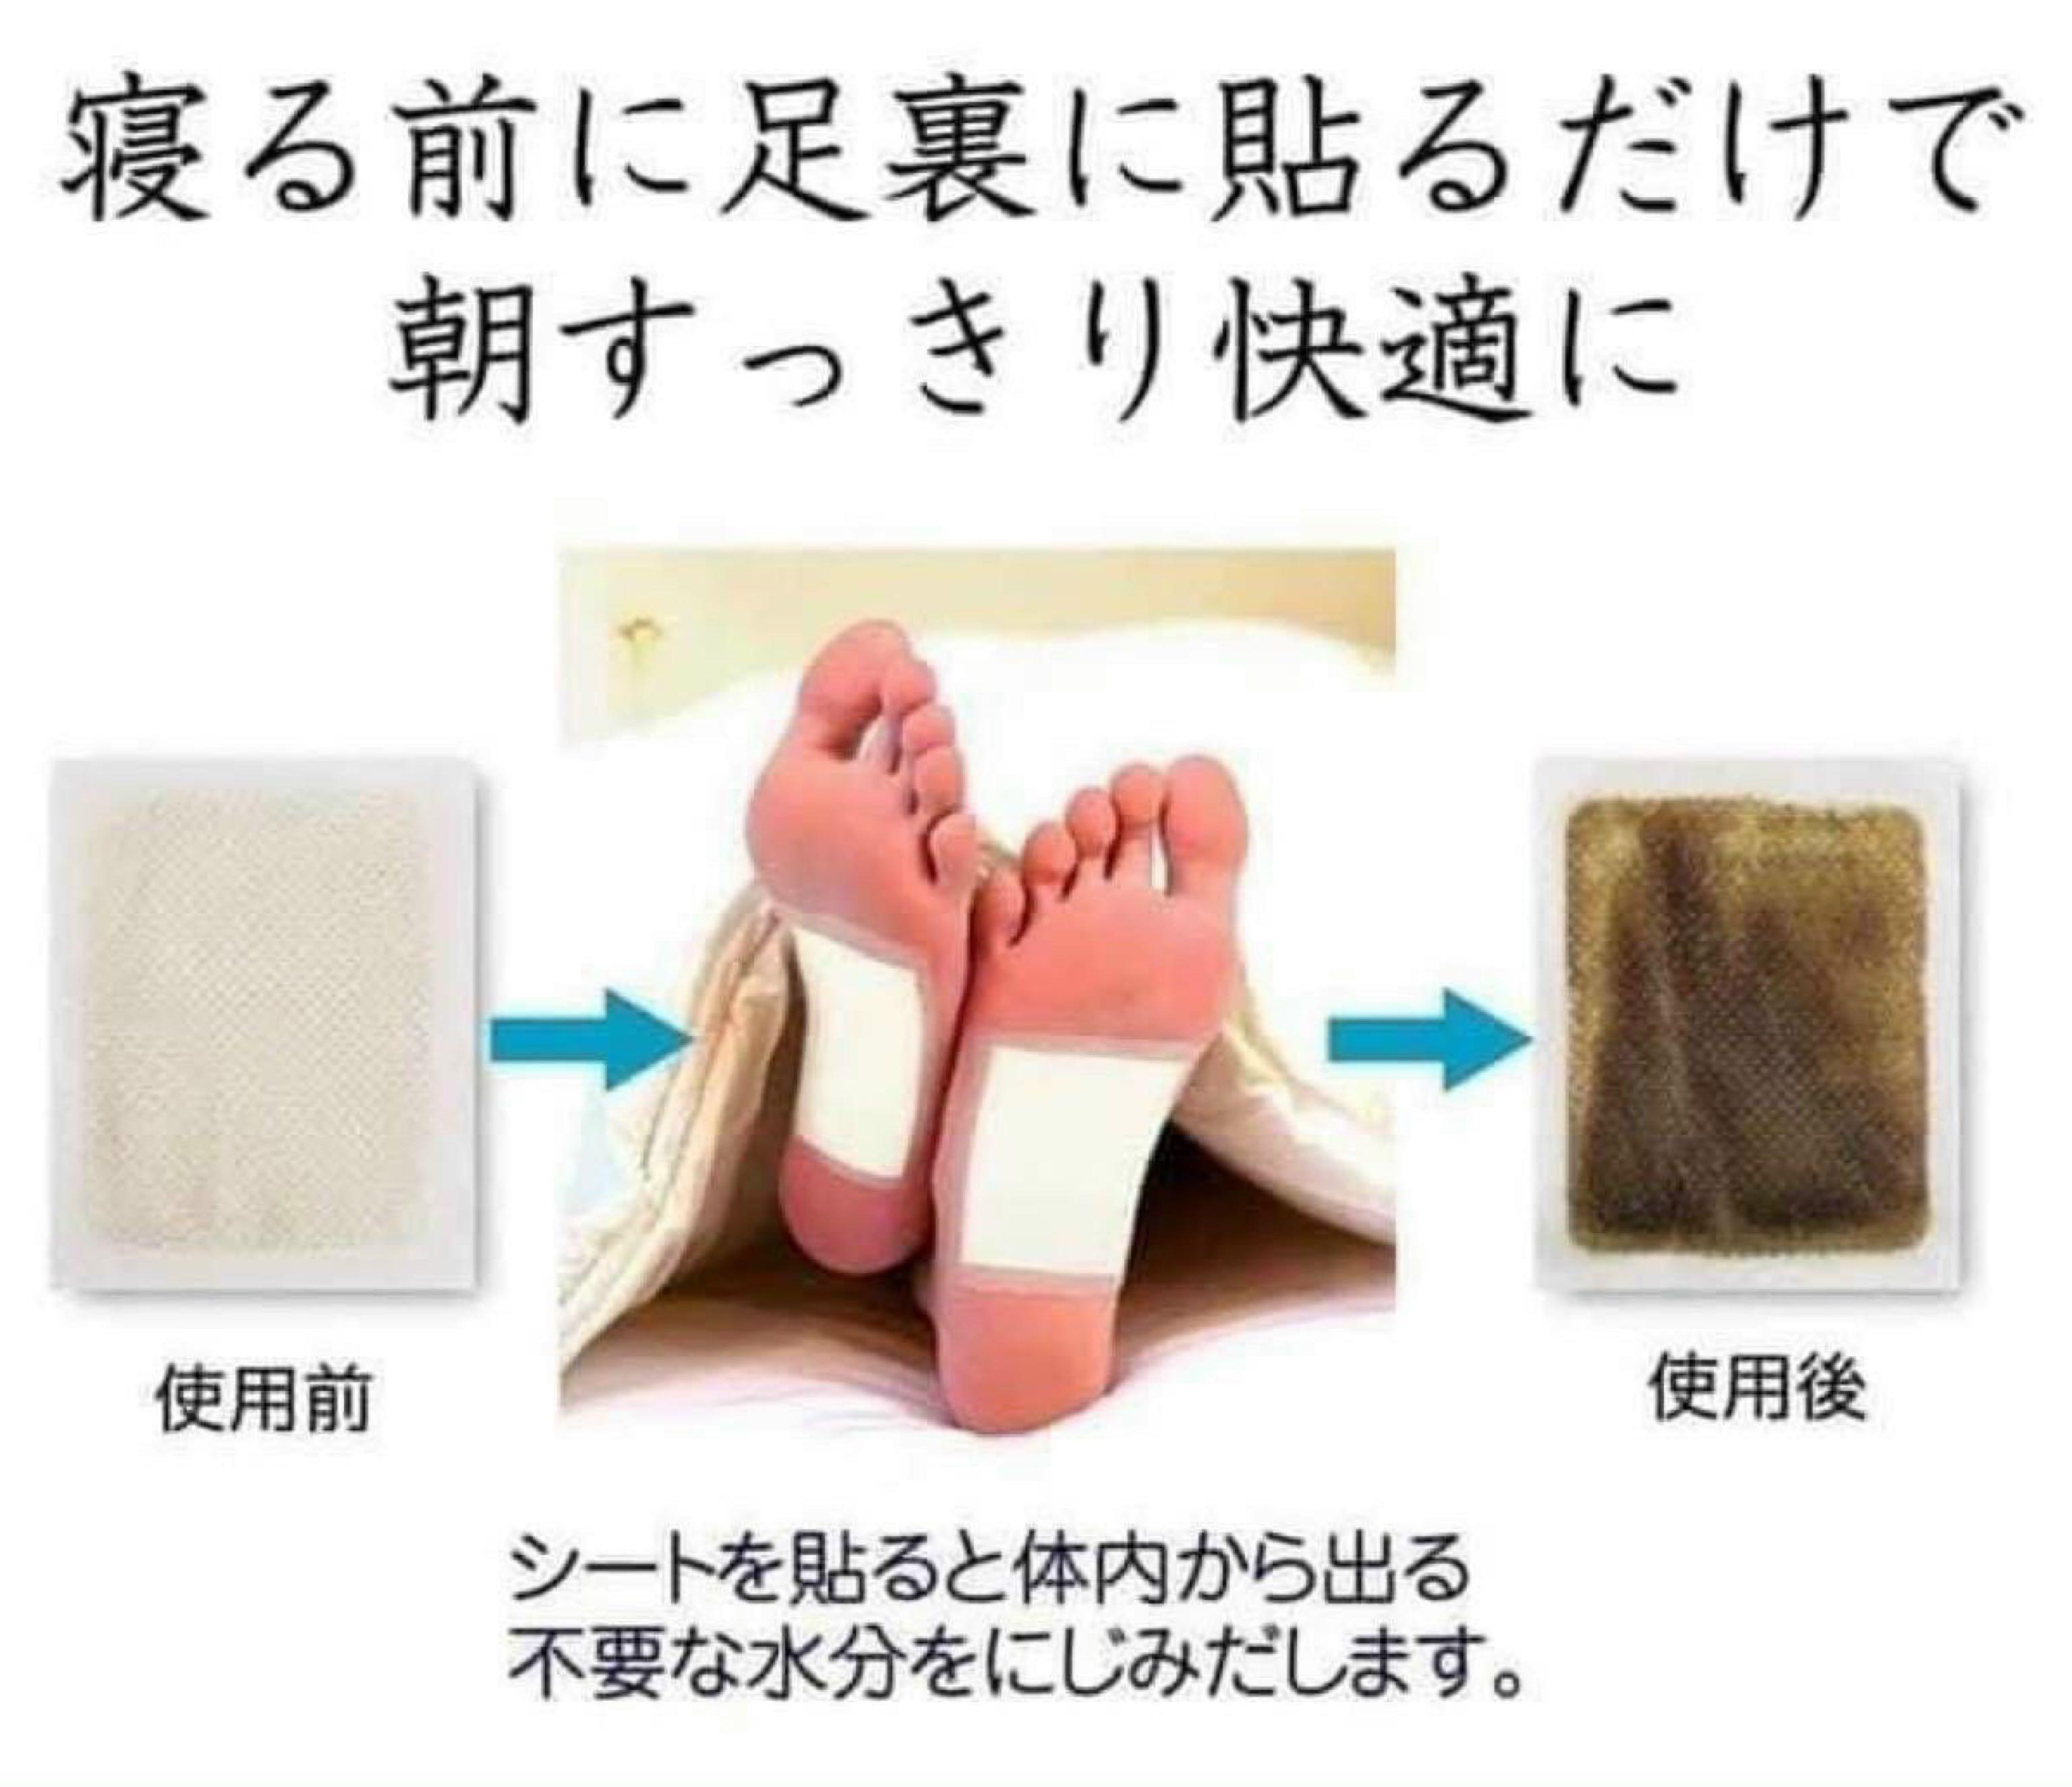 MIẾNG DÁN CHÂN THẢI ĐỘC TỐ TO-PLAN NATURAL FOOT SHEETS (Nhật)